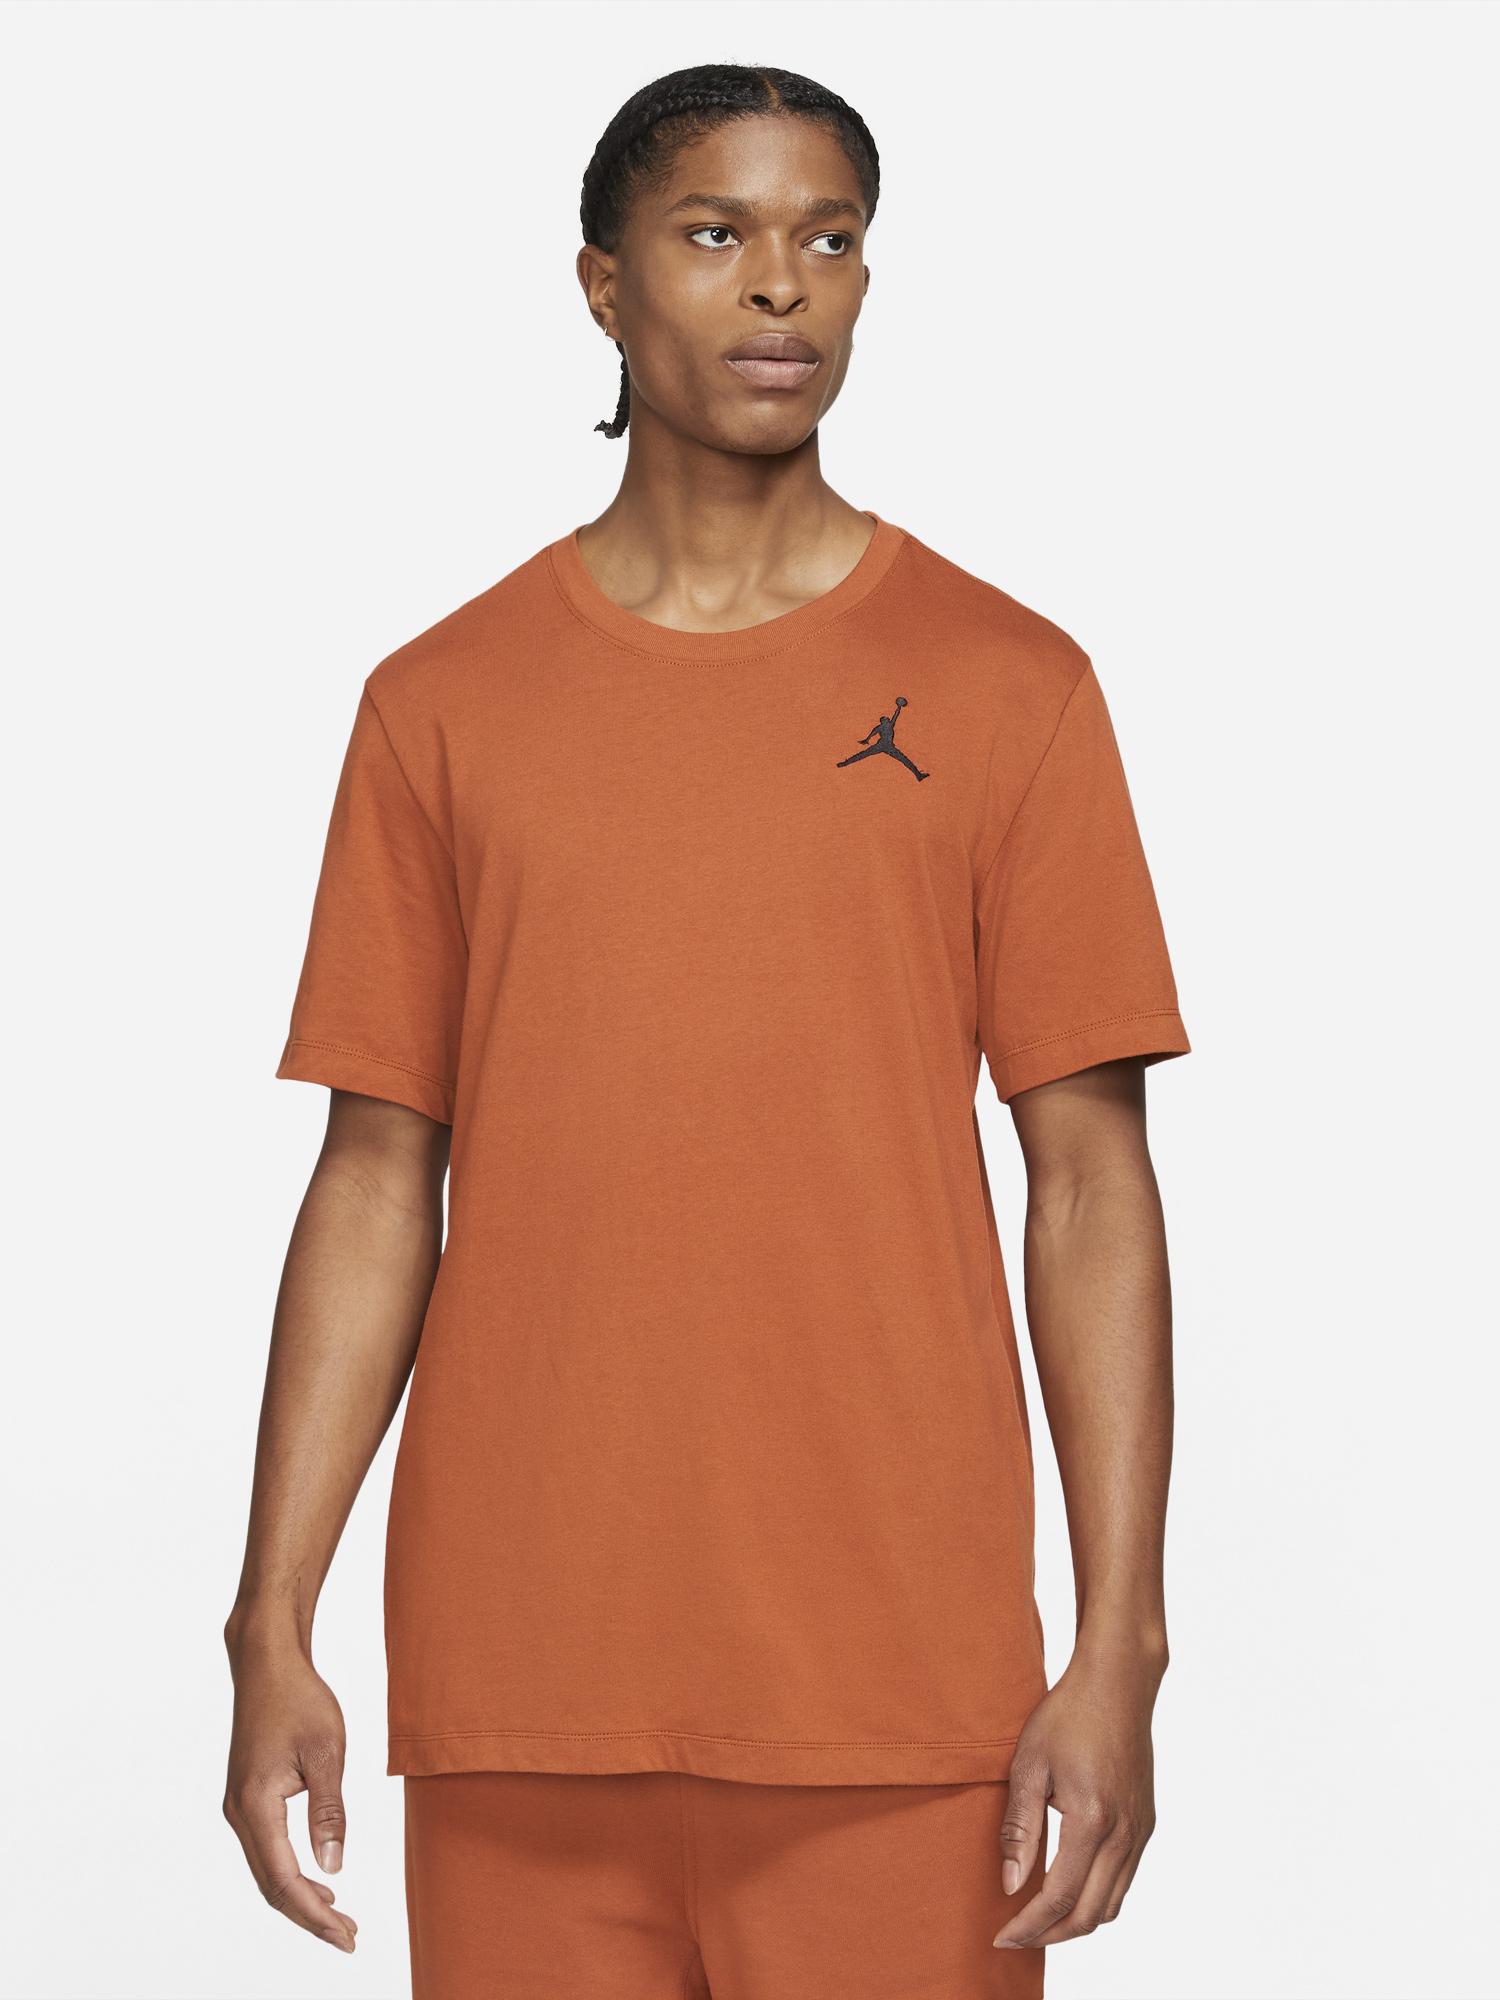 jordan-dark-russet-jumpman-embroidered-shirt-1